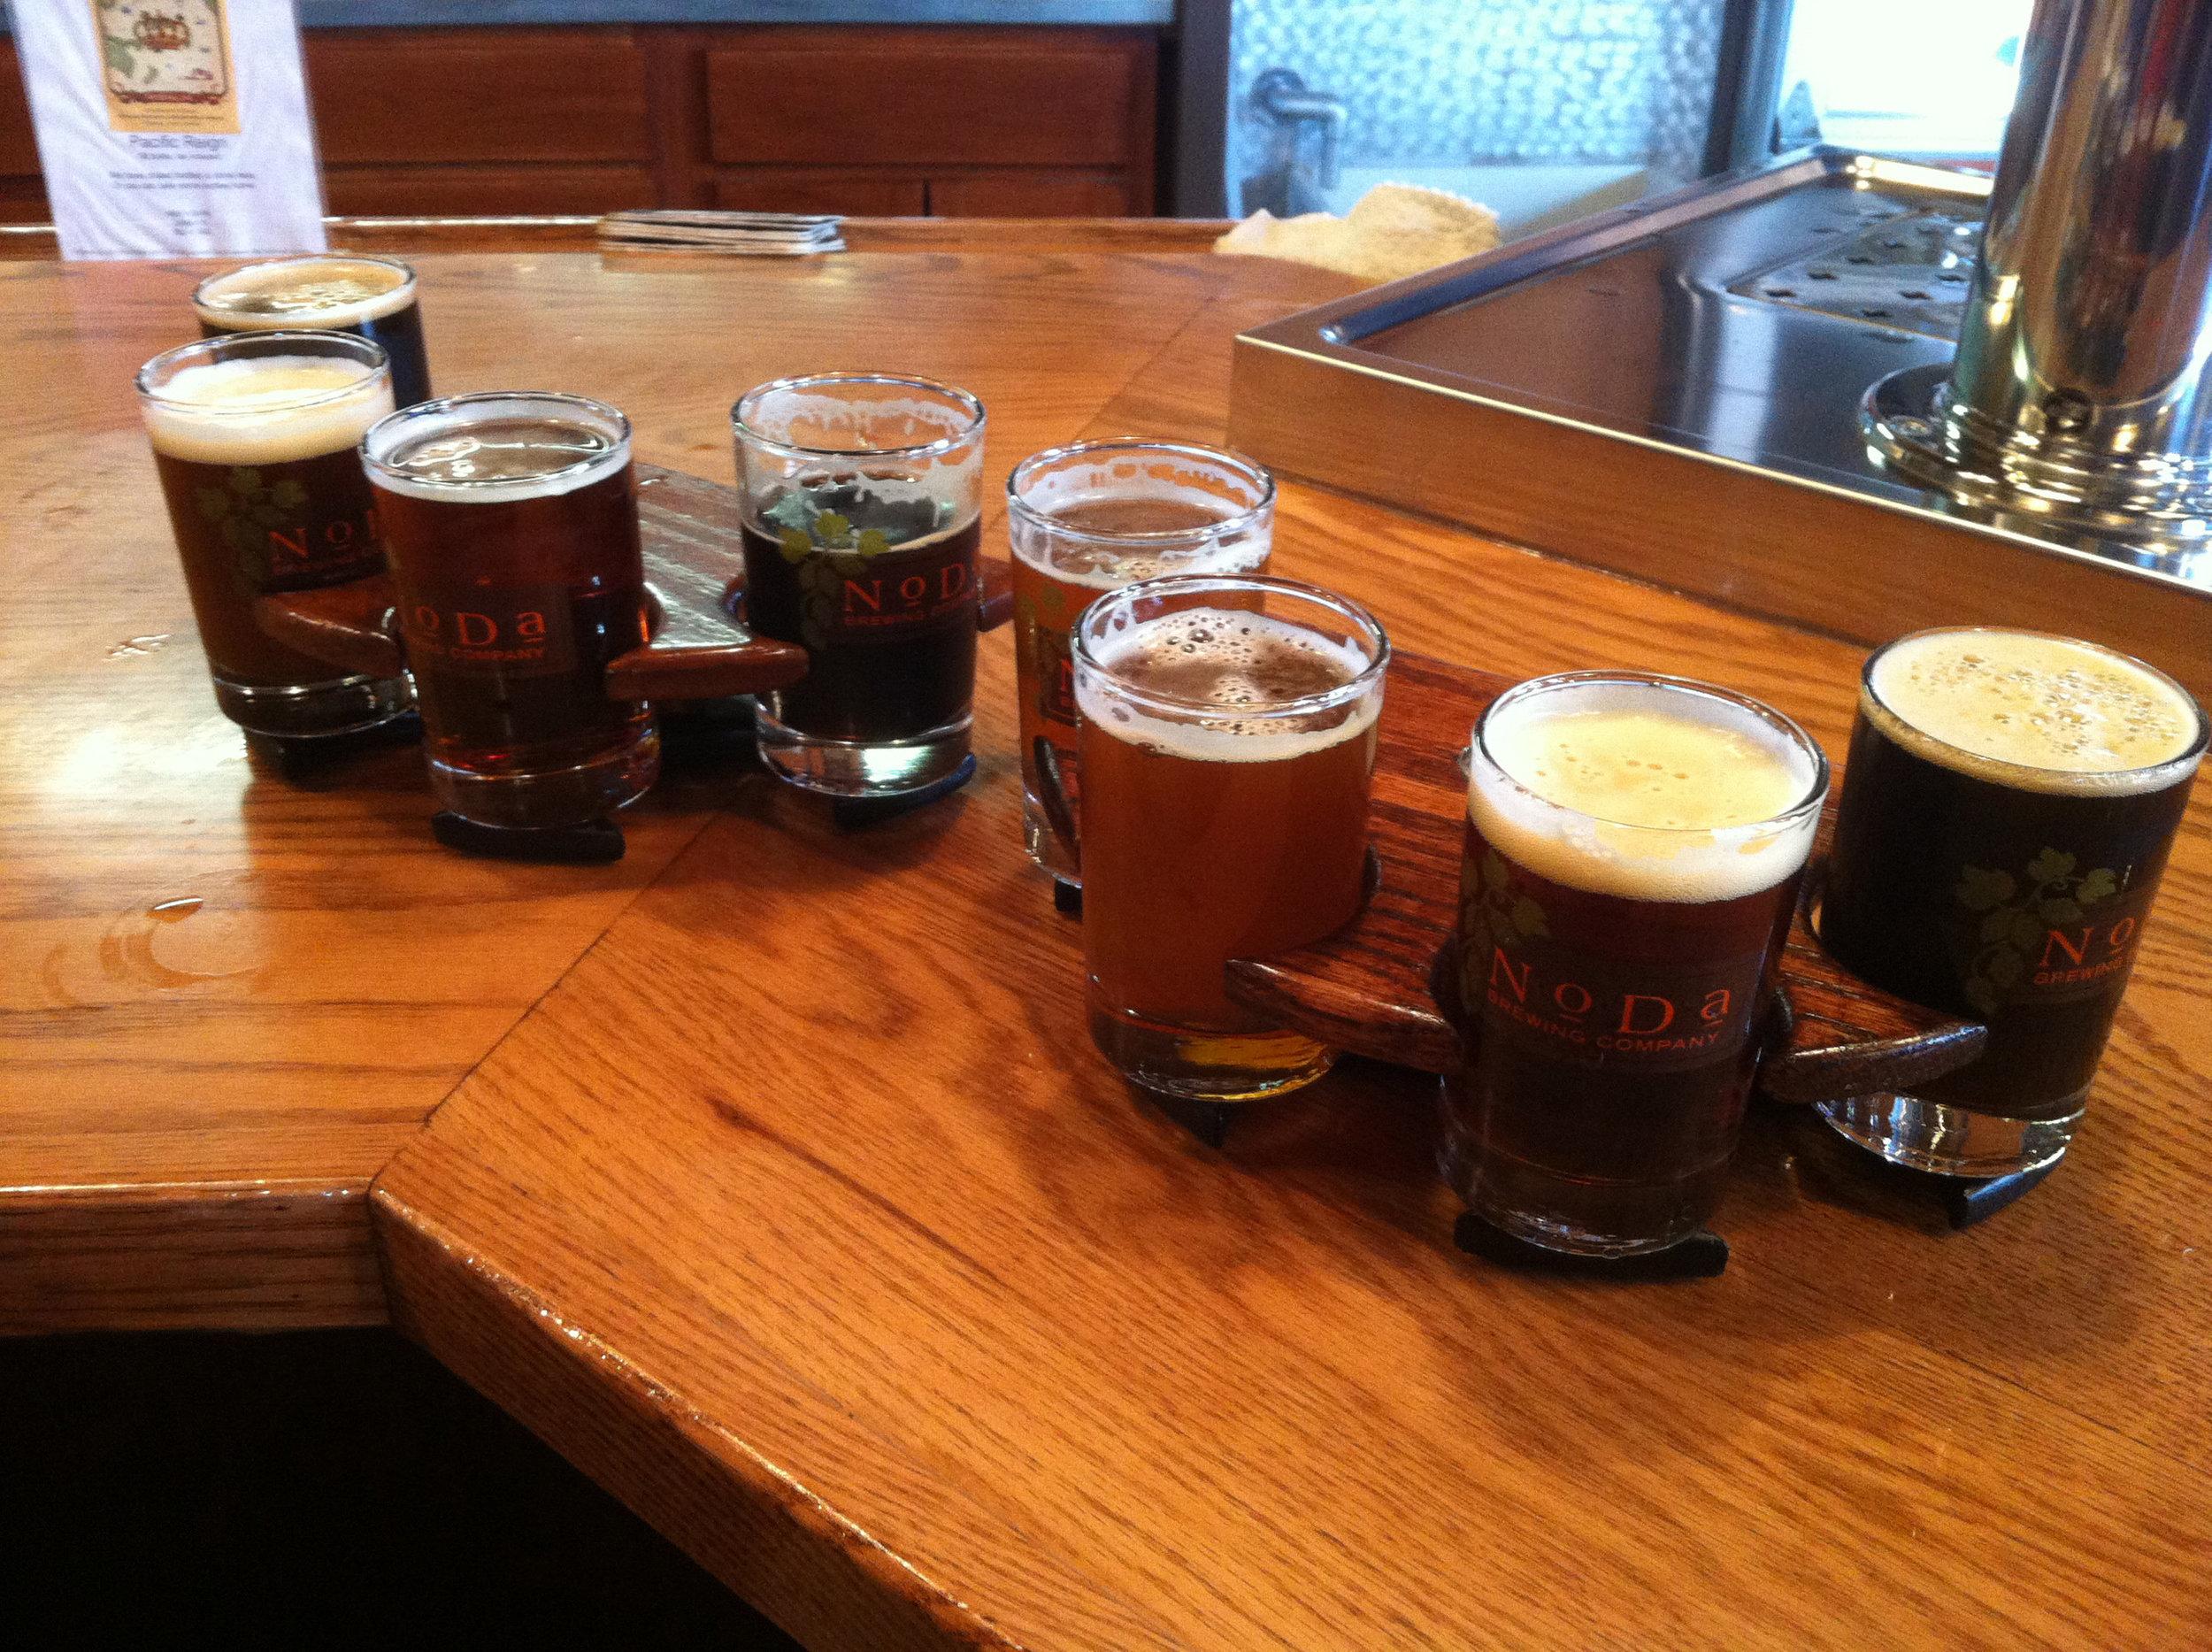 Beer-from-Noda-Brewing.jpg